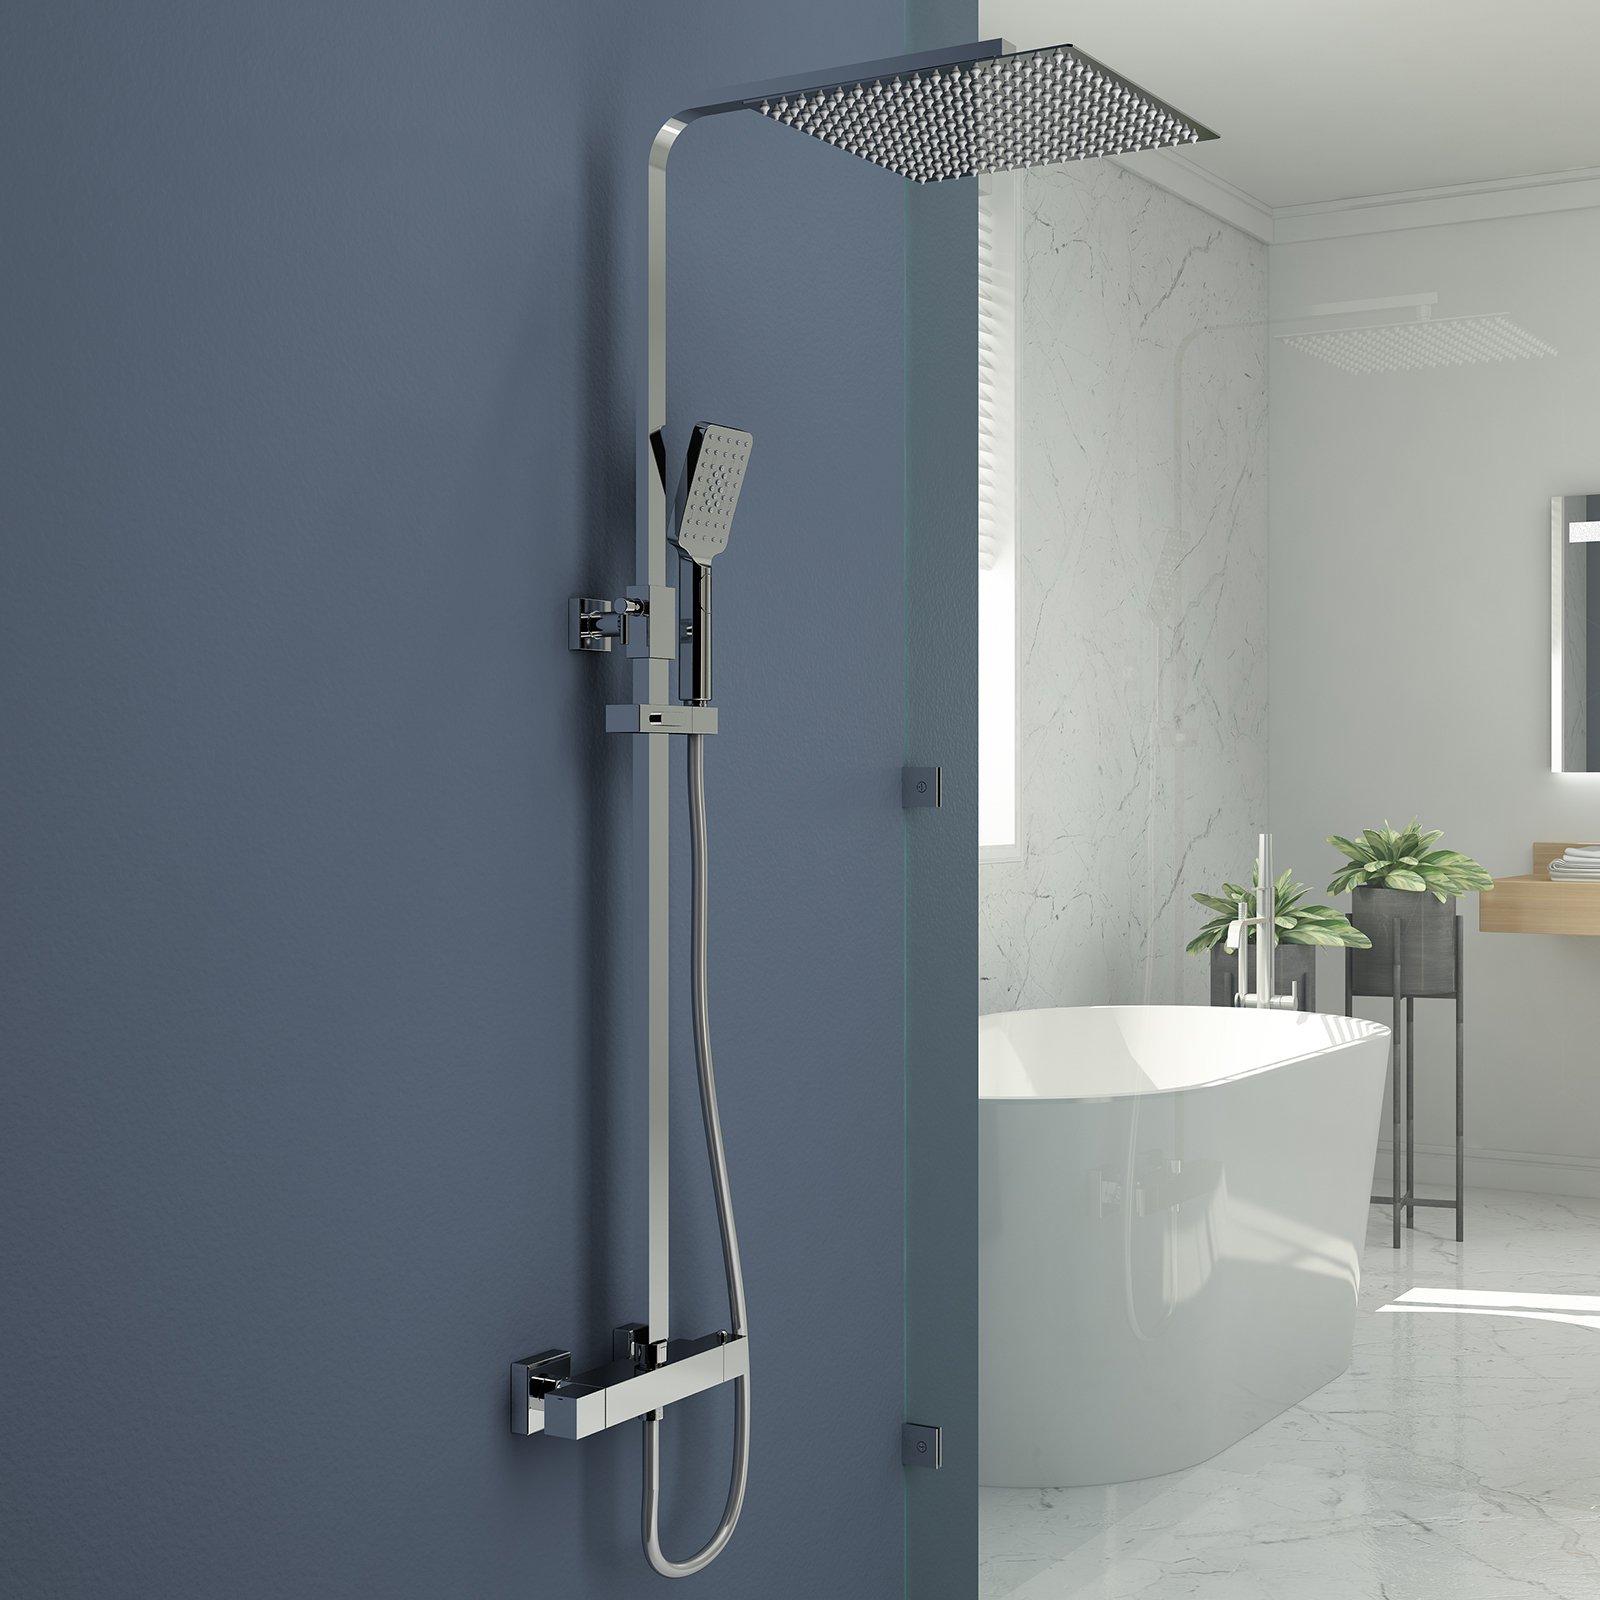 Full Size of Rainshower Dusche Duschsystem Mit Thermostat Duscharmatur Duschset Siphon Ebenerdige Haltegriff Mischbatterie Kosten Begehbare Ohne Tür Bidet Hüppe Walk In Dusche Rainshower Dusche